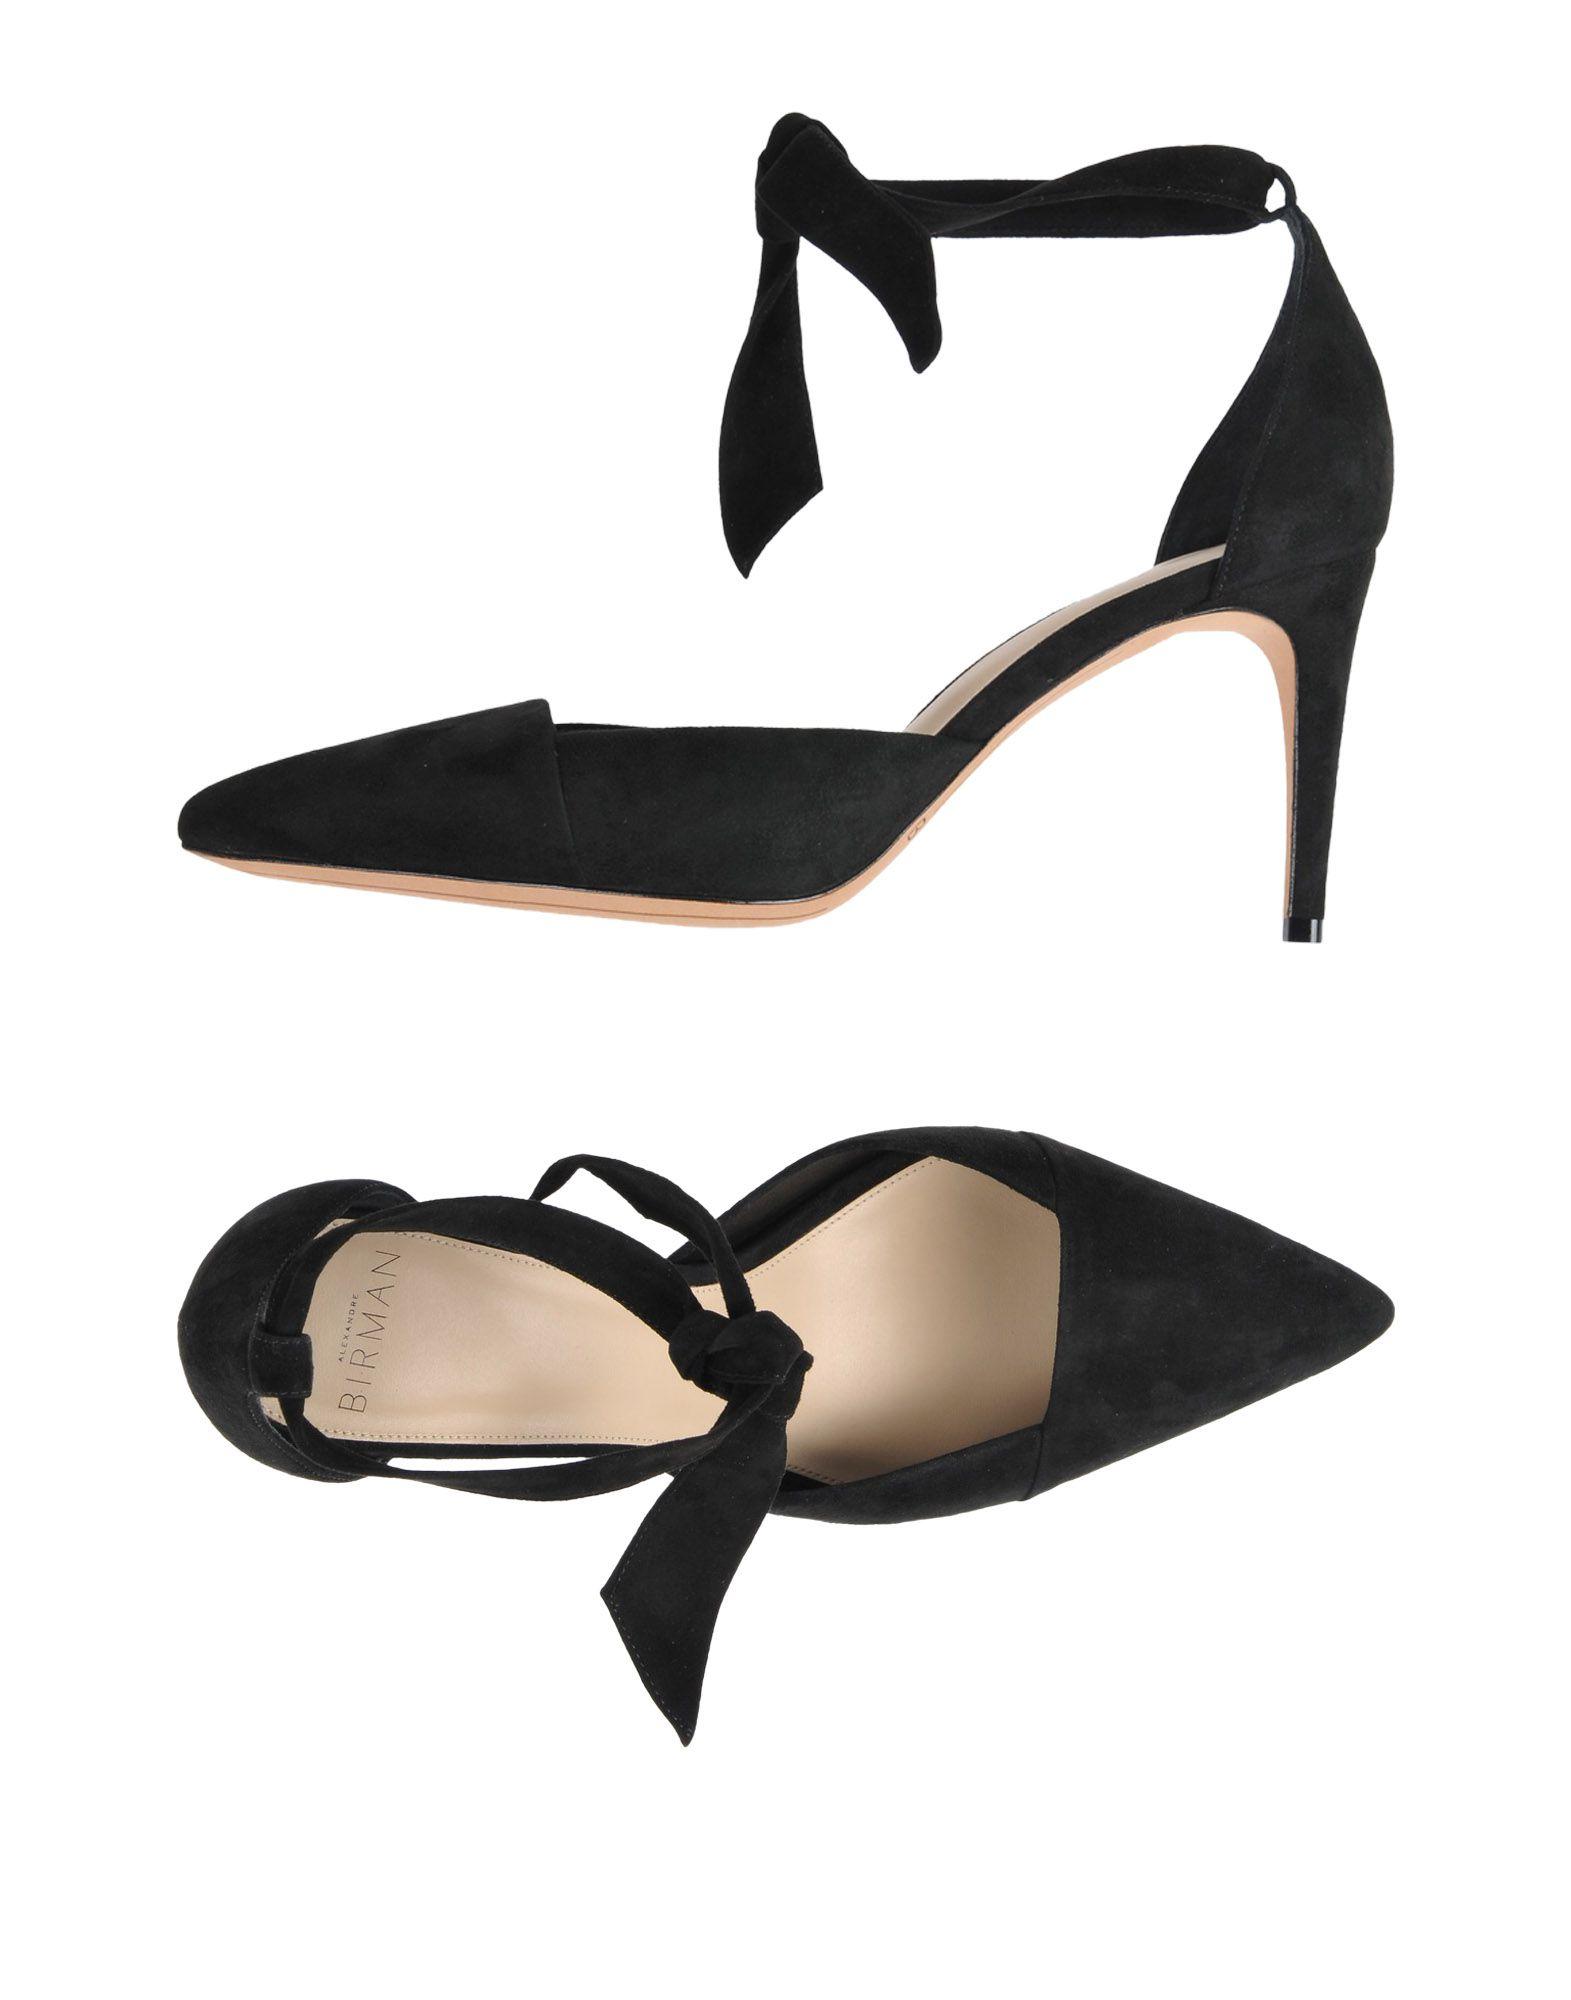 Alexandre Birman Pumps Damen  11233781XO Beliebte Schuhe Schuhe Schuhe 1ab6b1